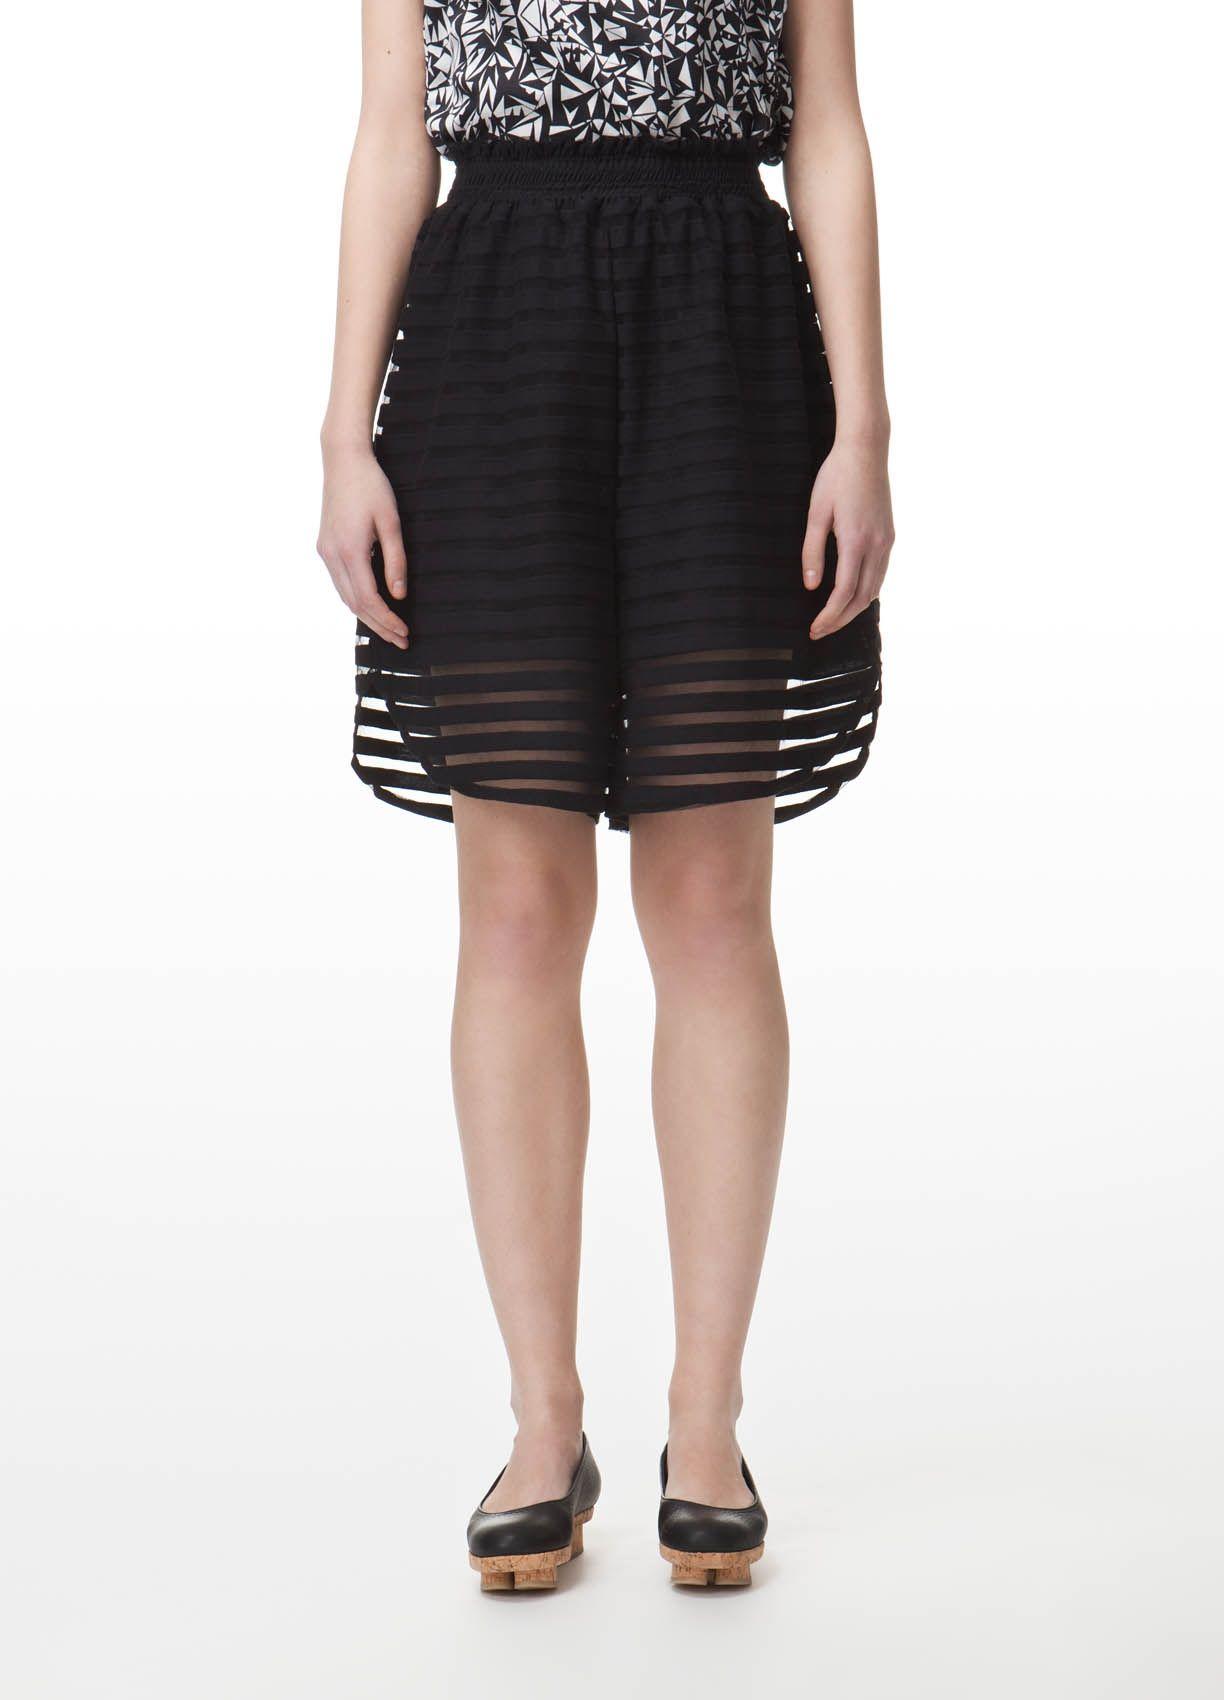 R/H / Beach Shorts | Acolyth - vaatteita netistä, miesten ja naisten muoti, fashion online e-store